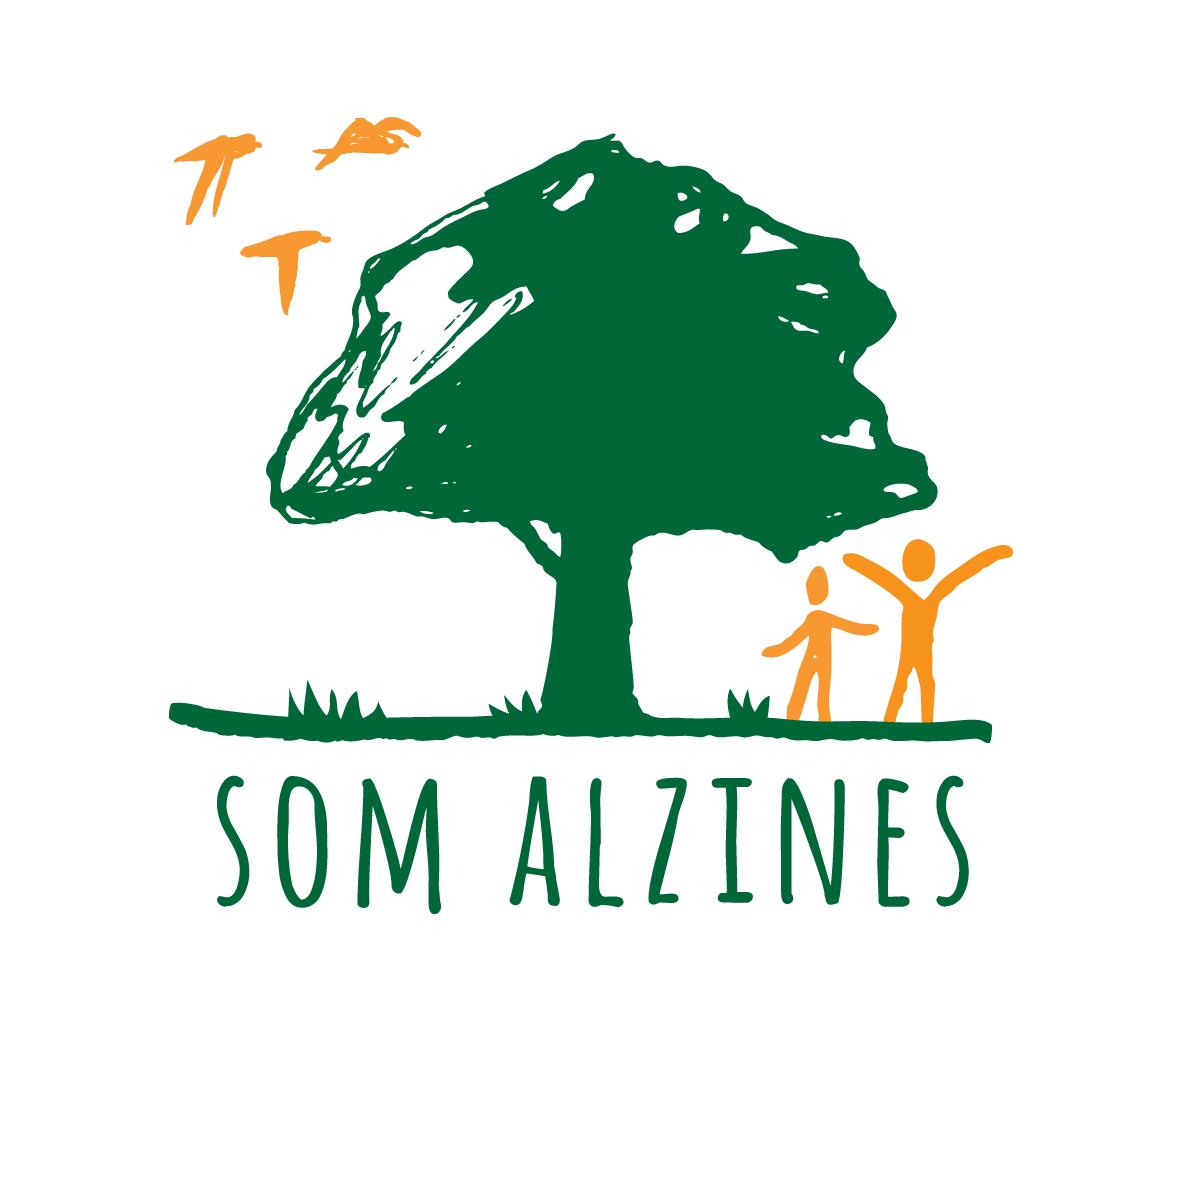 Som alzines Logo